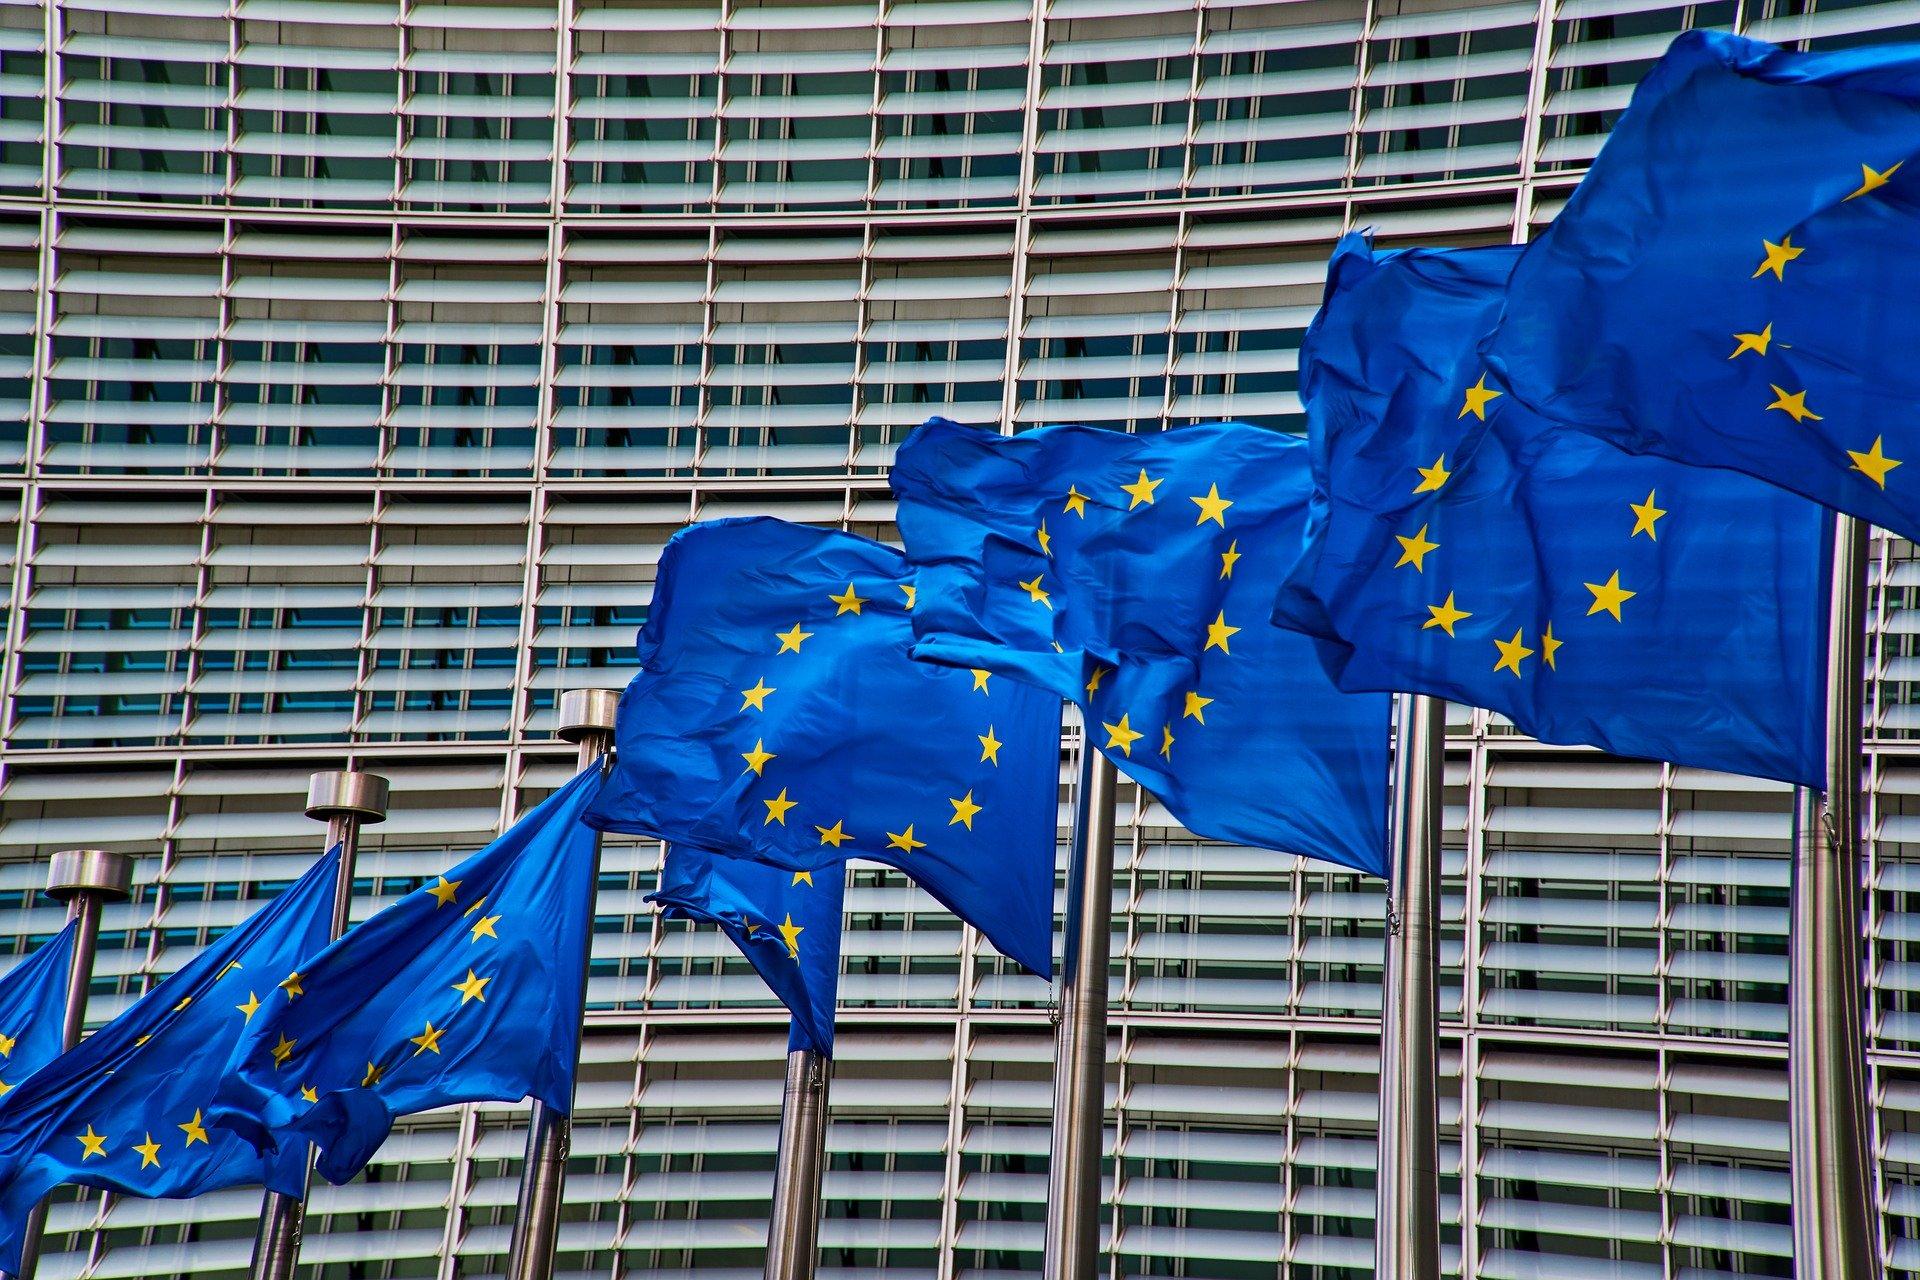 Sostenibilità, fondi Ue per bus puliti e infrastrutture di ricarica elettrica in Francia, Germania, Italia e Spagna